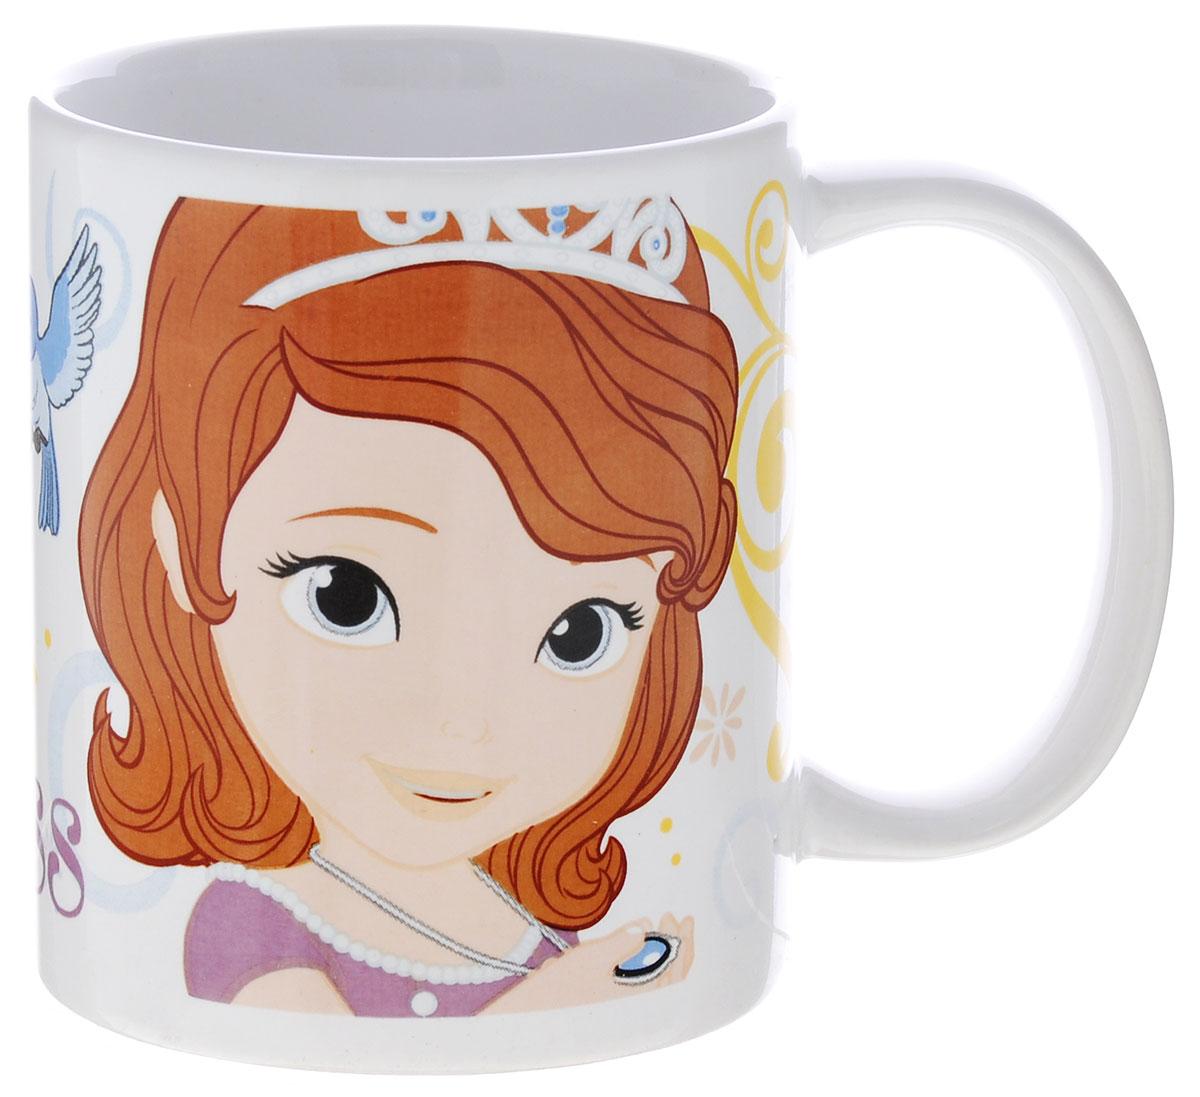 Stor Кружка детская Принцесса София Прекрасная 325 мл78505Детская кружка Stor Принцесса София Прекрасная из серии Stor Disney Princess с любимой героиней станет отличным подарком для вашей малышки. Она выполнена из керамики и оформлена изображением принцессы Софии. Кружка дополнена удобной ручкой. Такой подарок станет не только приятным, но и практичным сувениром: кружка будет незаменимым атрибутом чаепития, а оригинальное оформление кружки добавит ярких эмоций и хорошего настроения. Можно использовать в СВЧ-печи и посудомоечной машине.